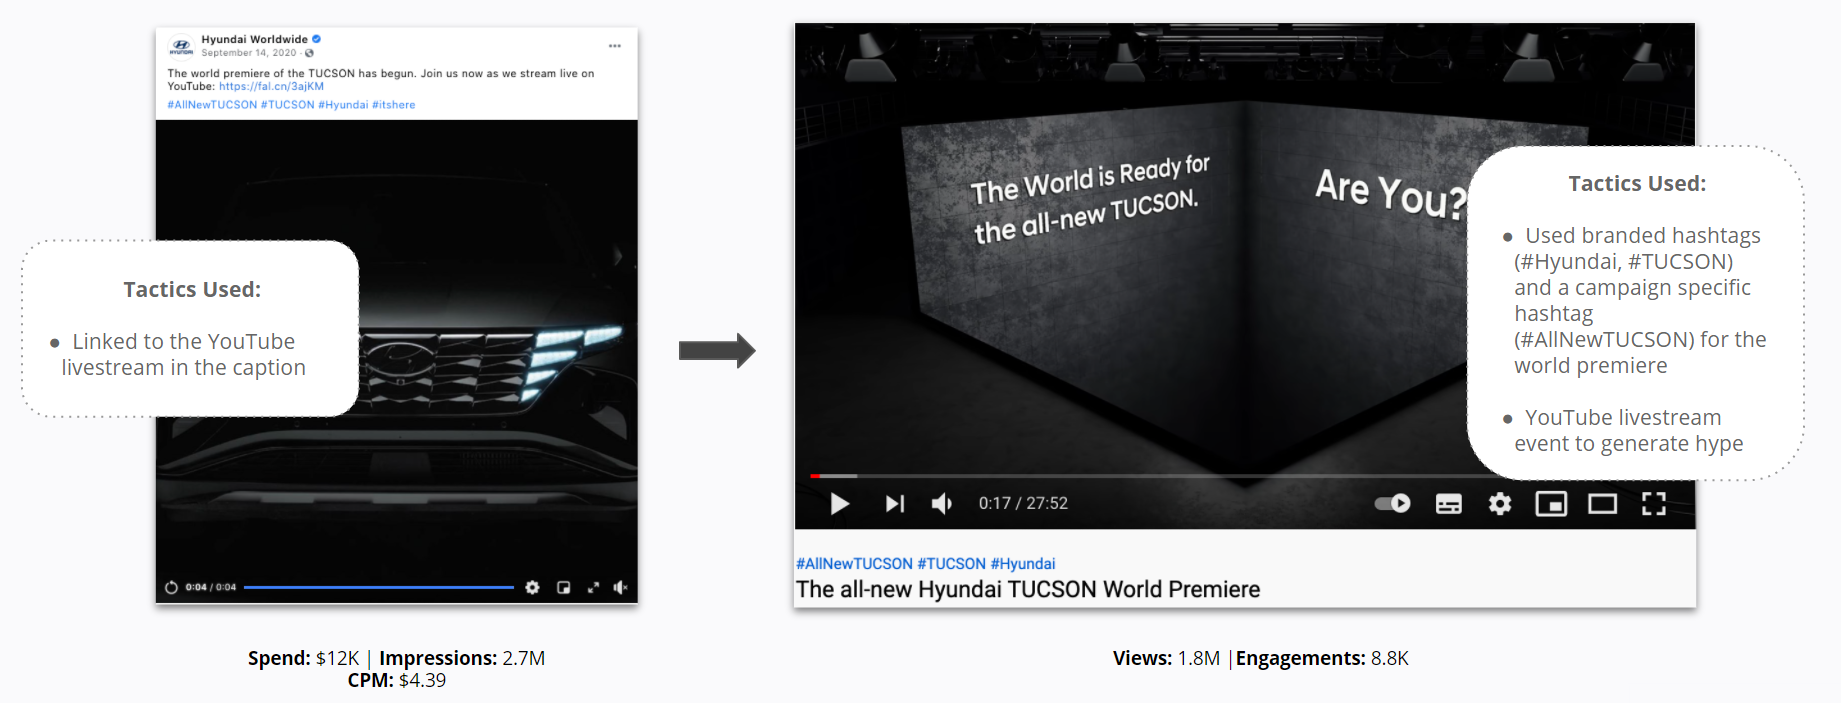 Hyundai - Top Facebook Ad Campaign